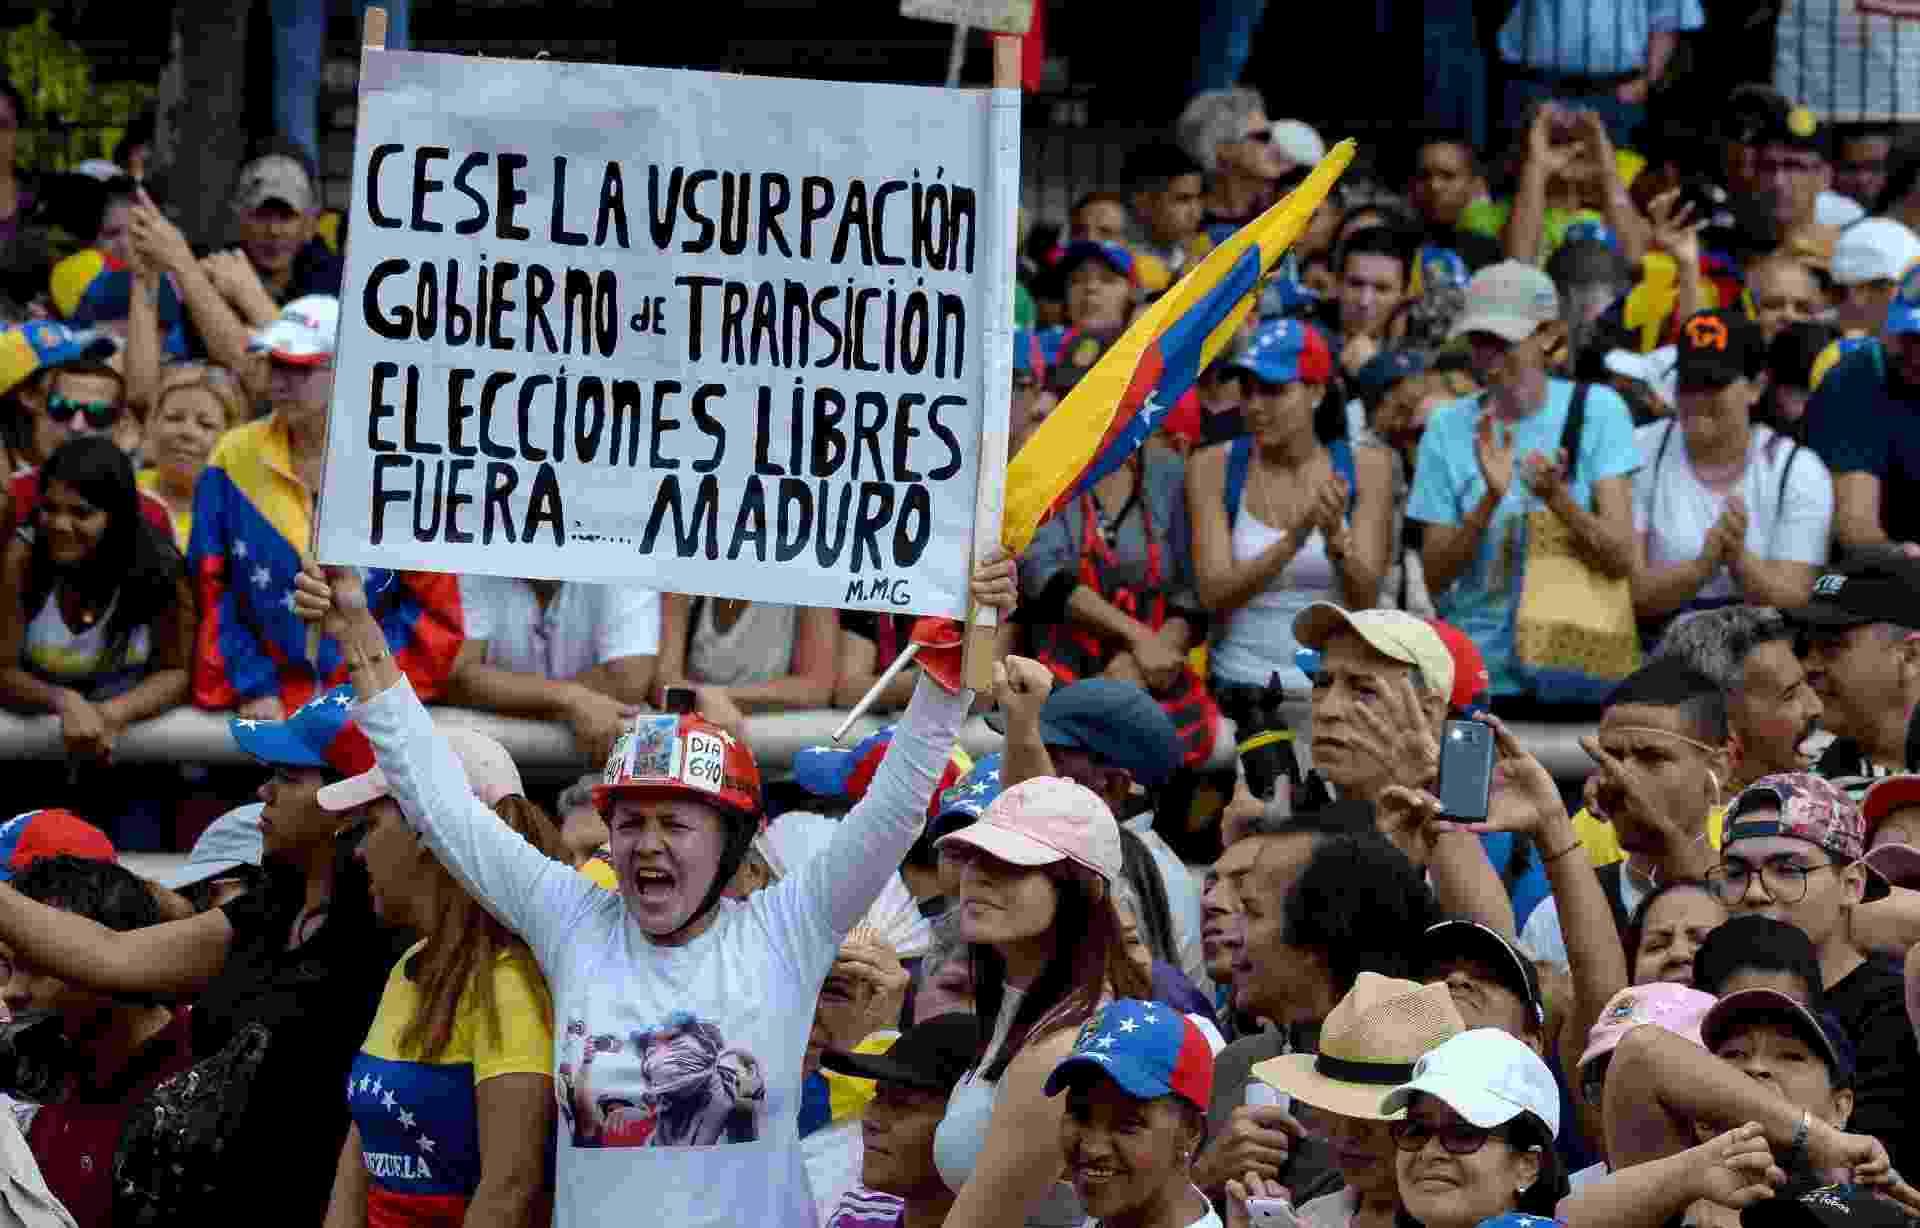 23.jan.2019 - Os partidários da oposição venezuelana saem às ruas para protestar contra o governo do presidente Nicolas Maduro, no aniversário de 1958 que derrubou a ditadura militar em Caracas em 23 de janeiro de 2019 - Federico PARRA / AFP